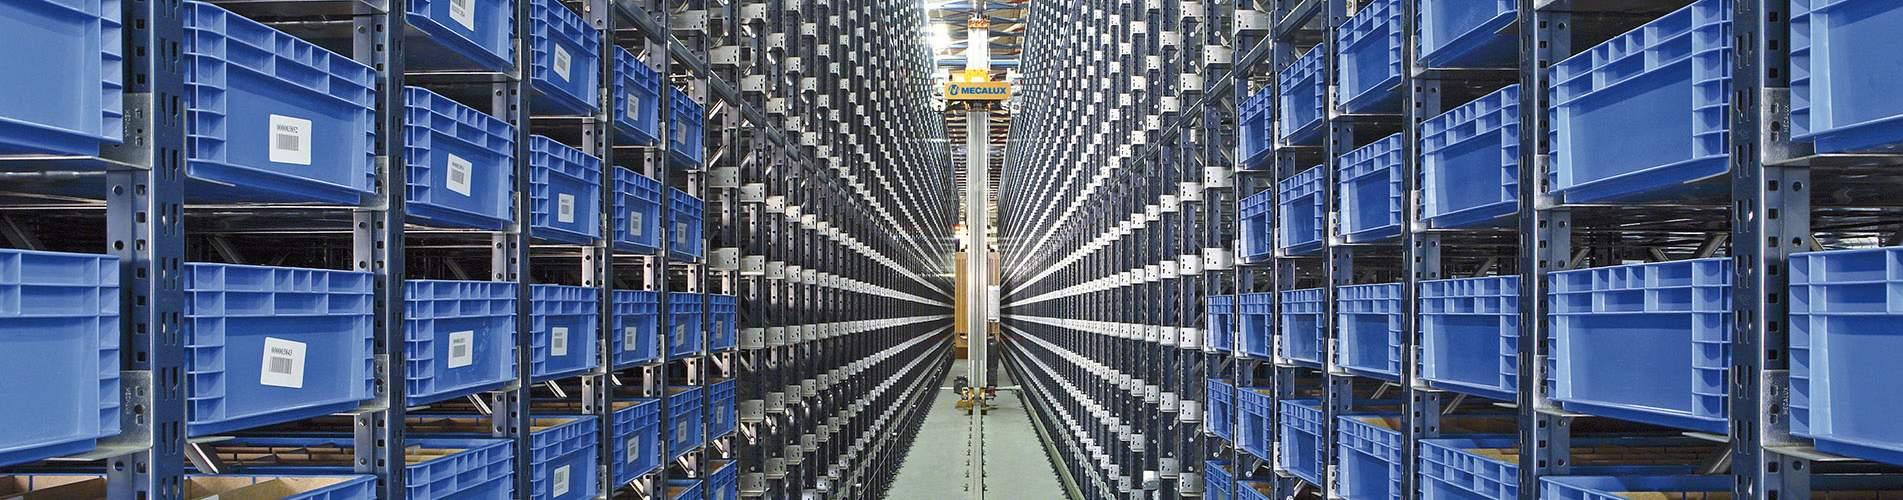 Transelevadores para cajas